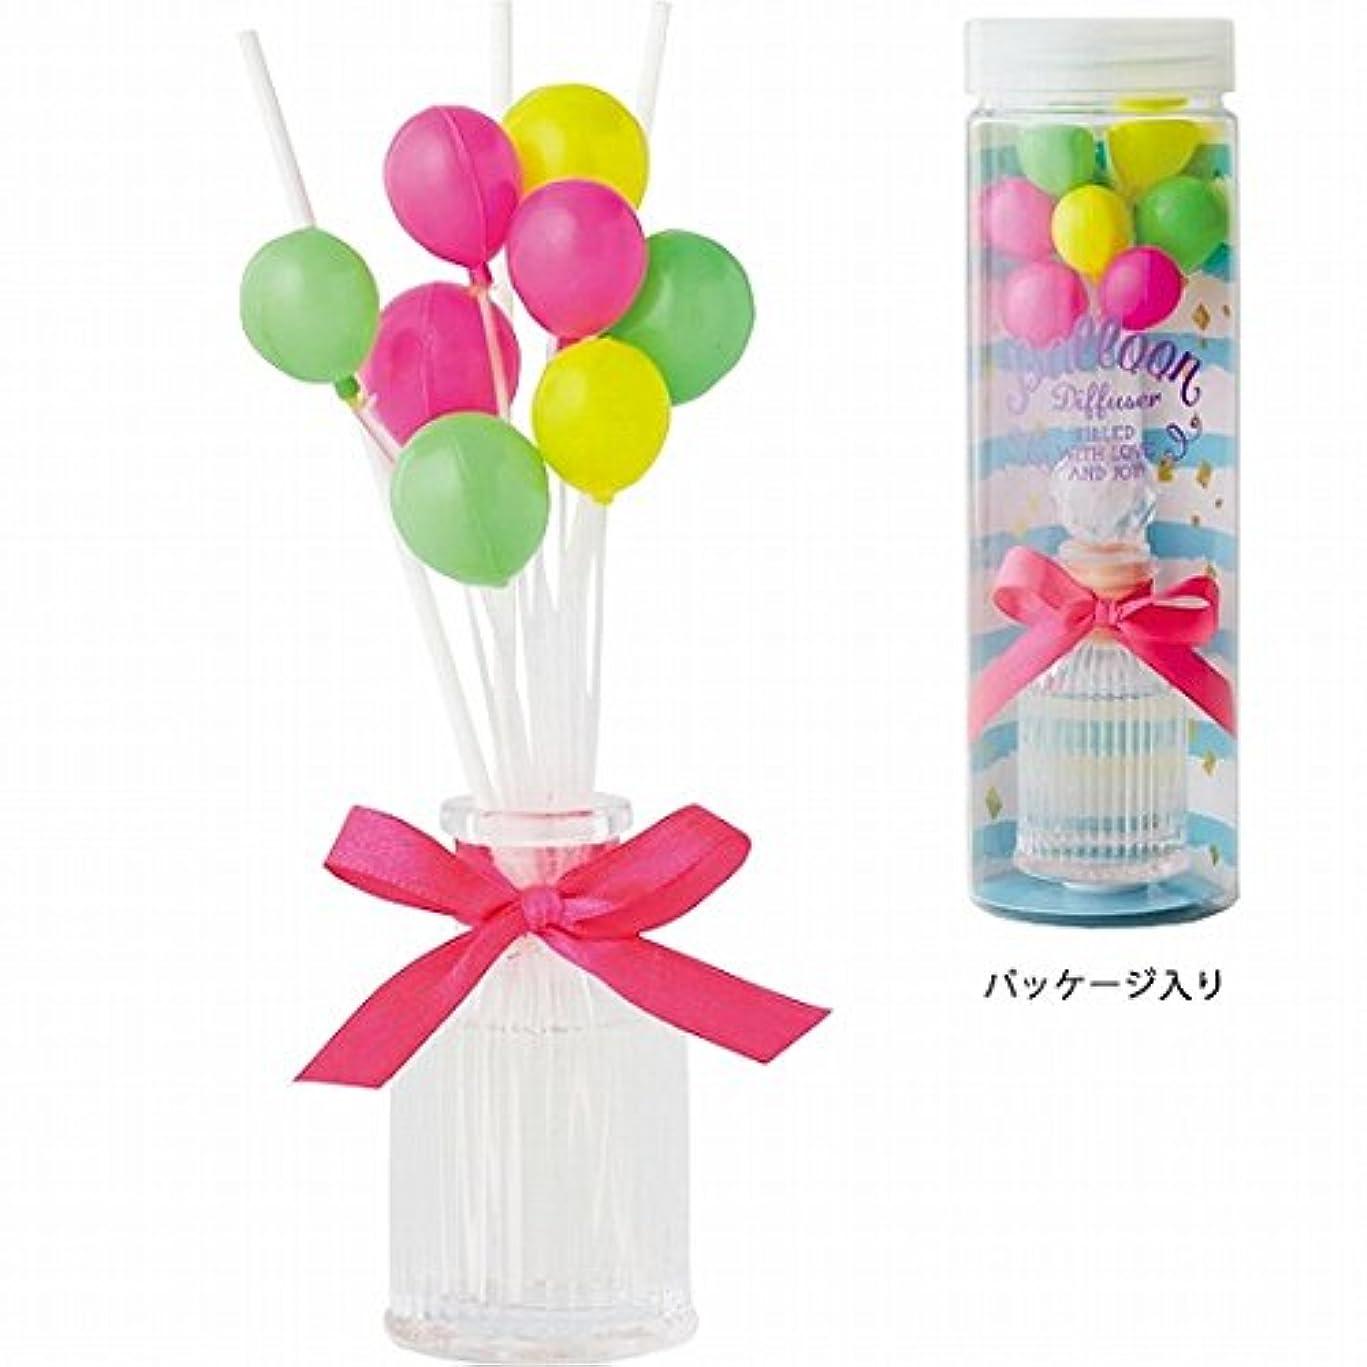 スカルク水差し理解するkameyama candle(カメヤマキャンドル) バルーンディフューザー(E3290510)